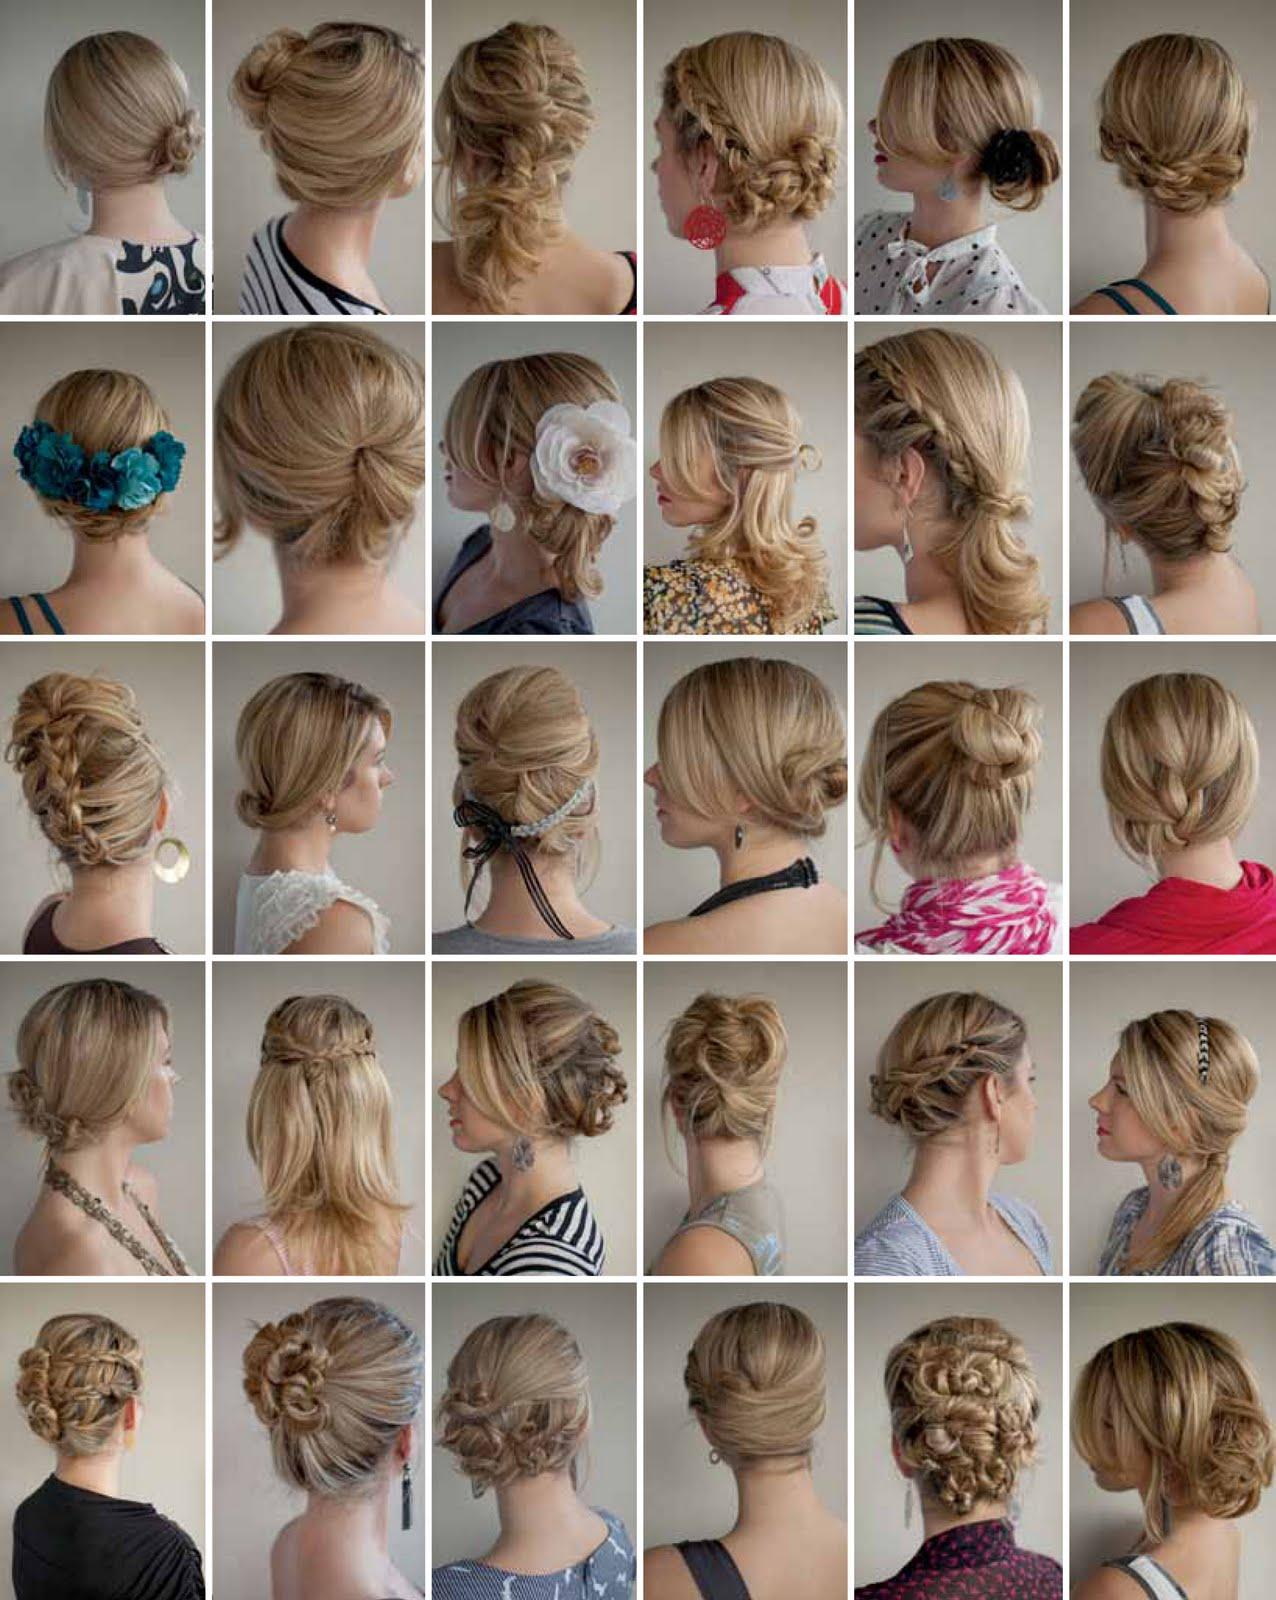 как научиться делать прически на средние волосы